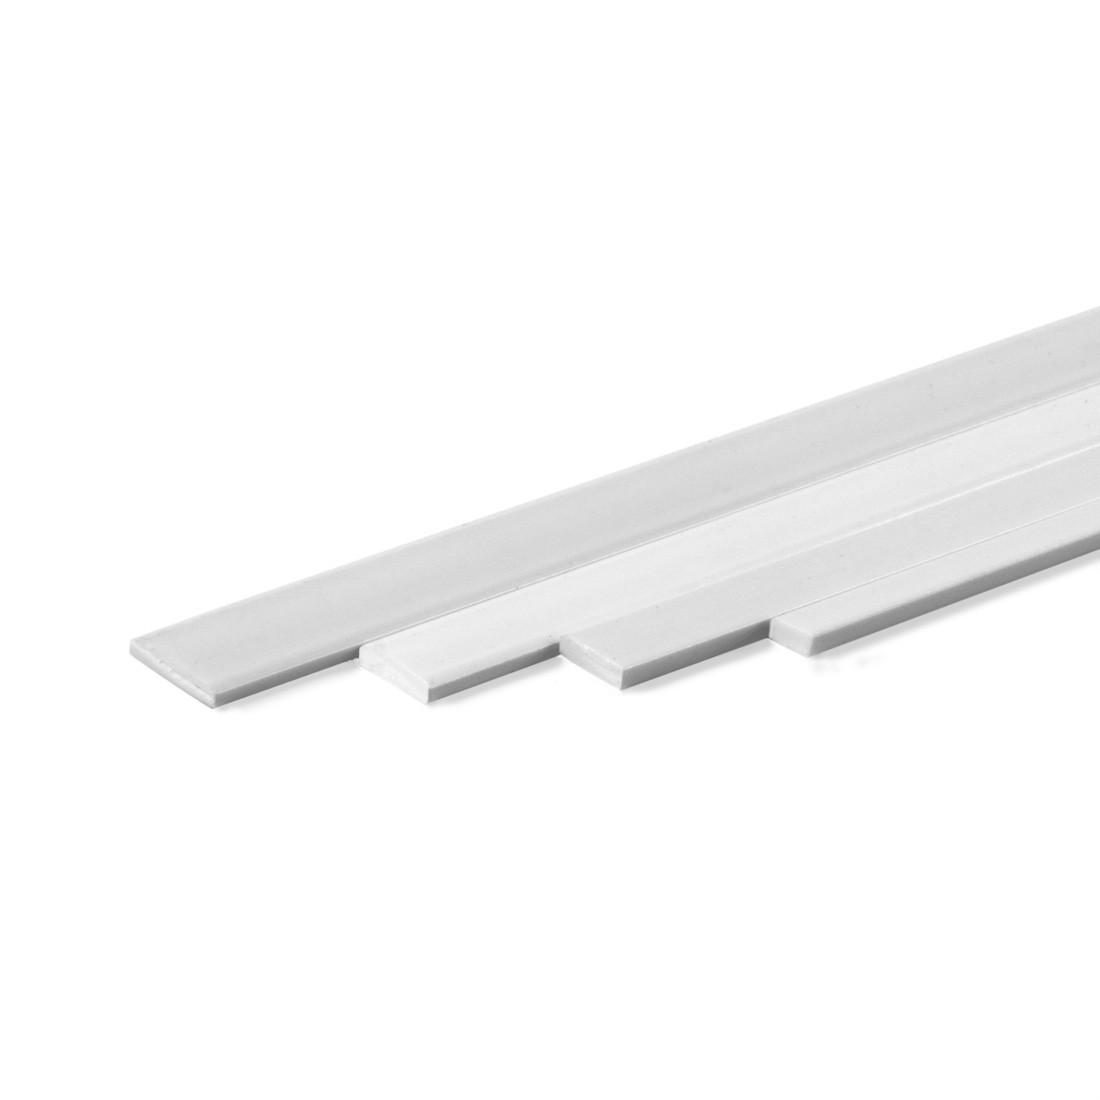 Perfil rectangular ASA mm.1x5x1000